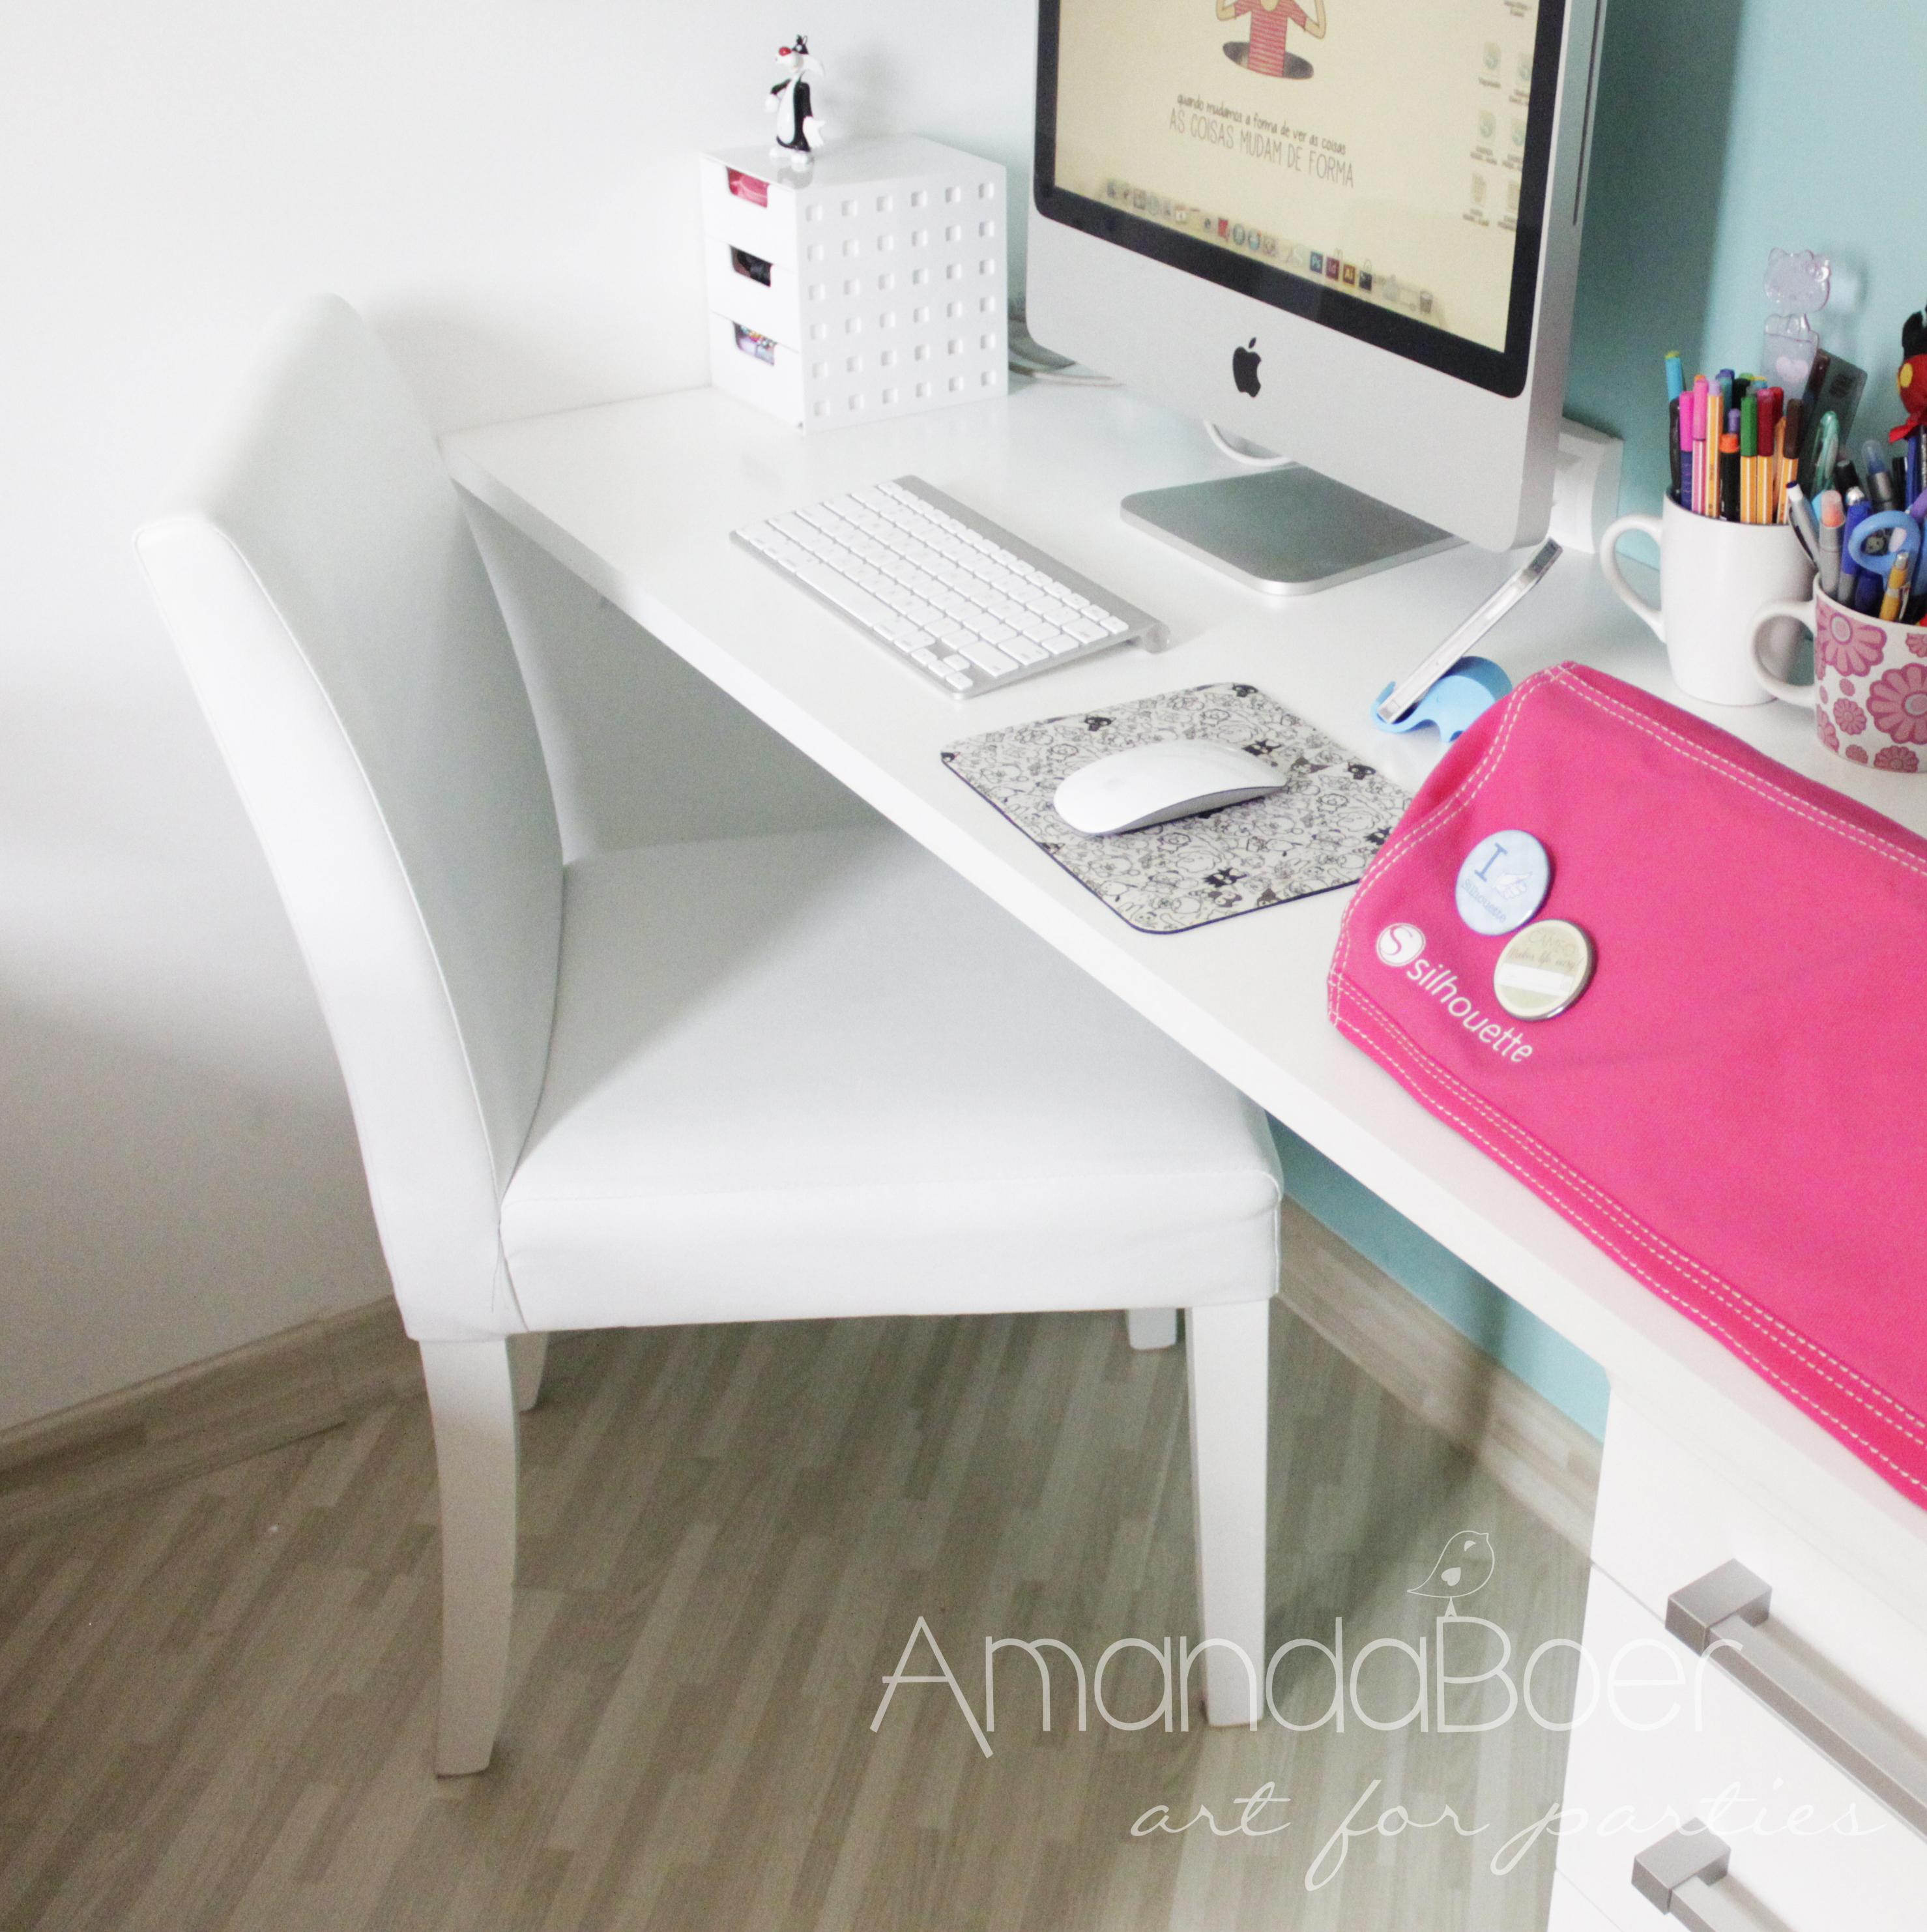 Home Office Estúdio de Criação Amanda Boer Art for Parties #B01B52 2957x2964